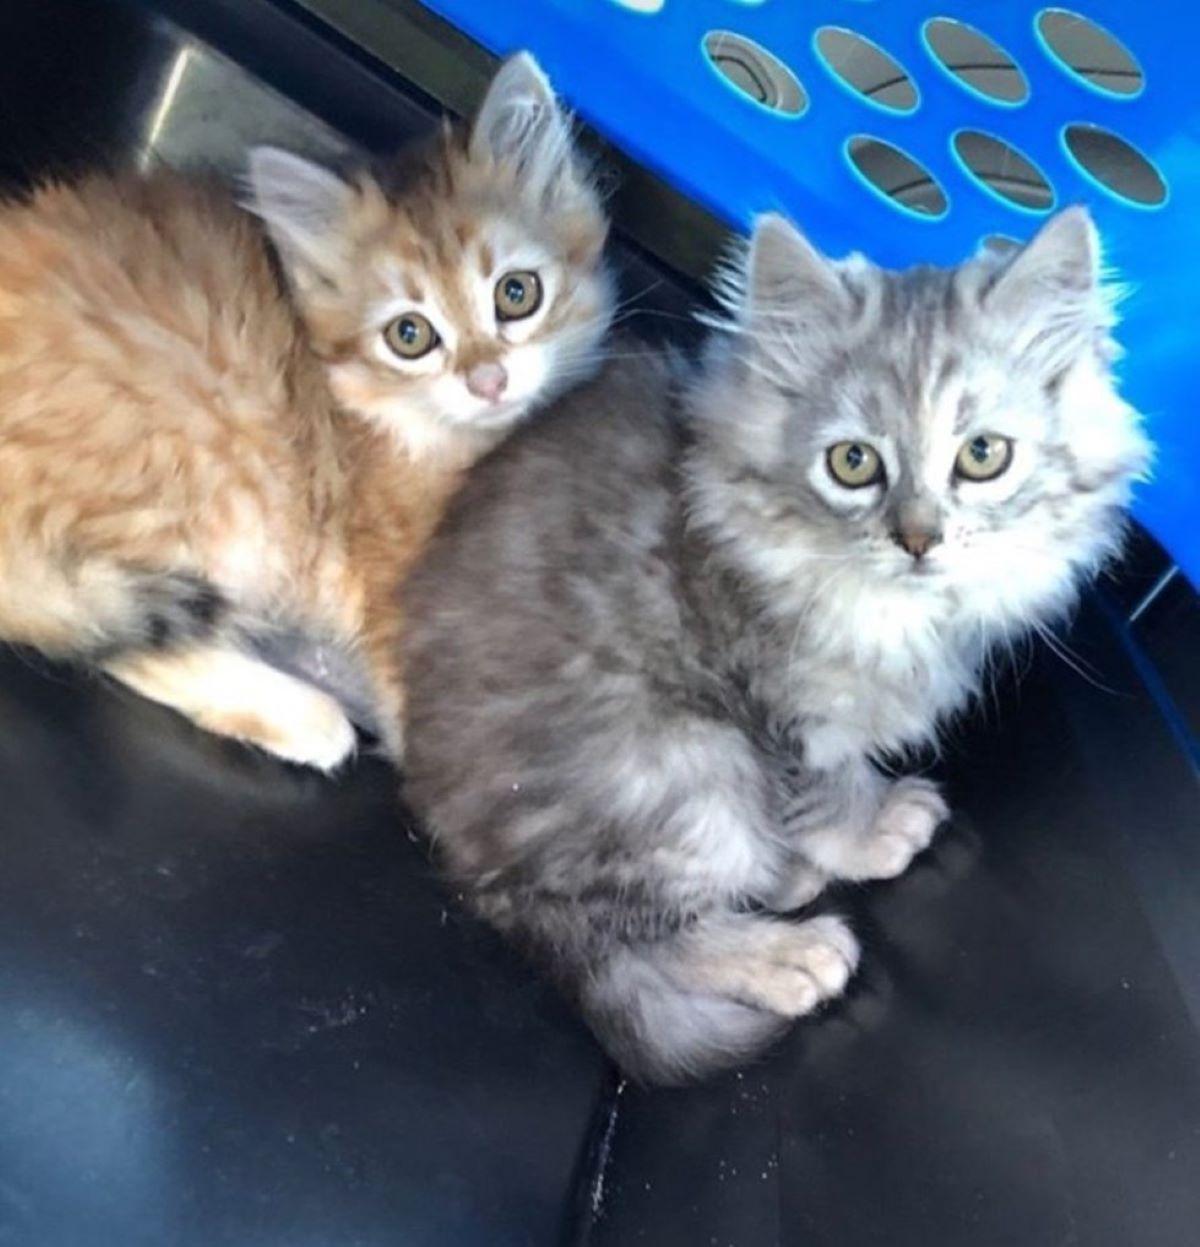 due-gattini-nel-trasportino